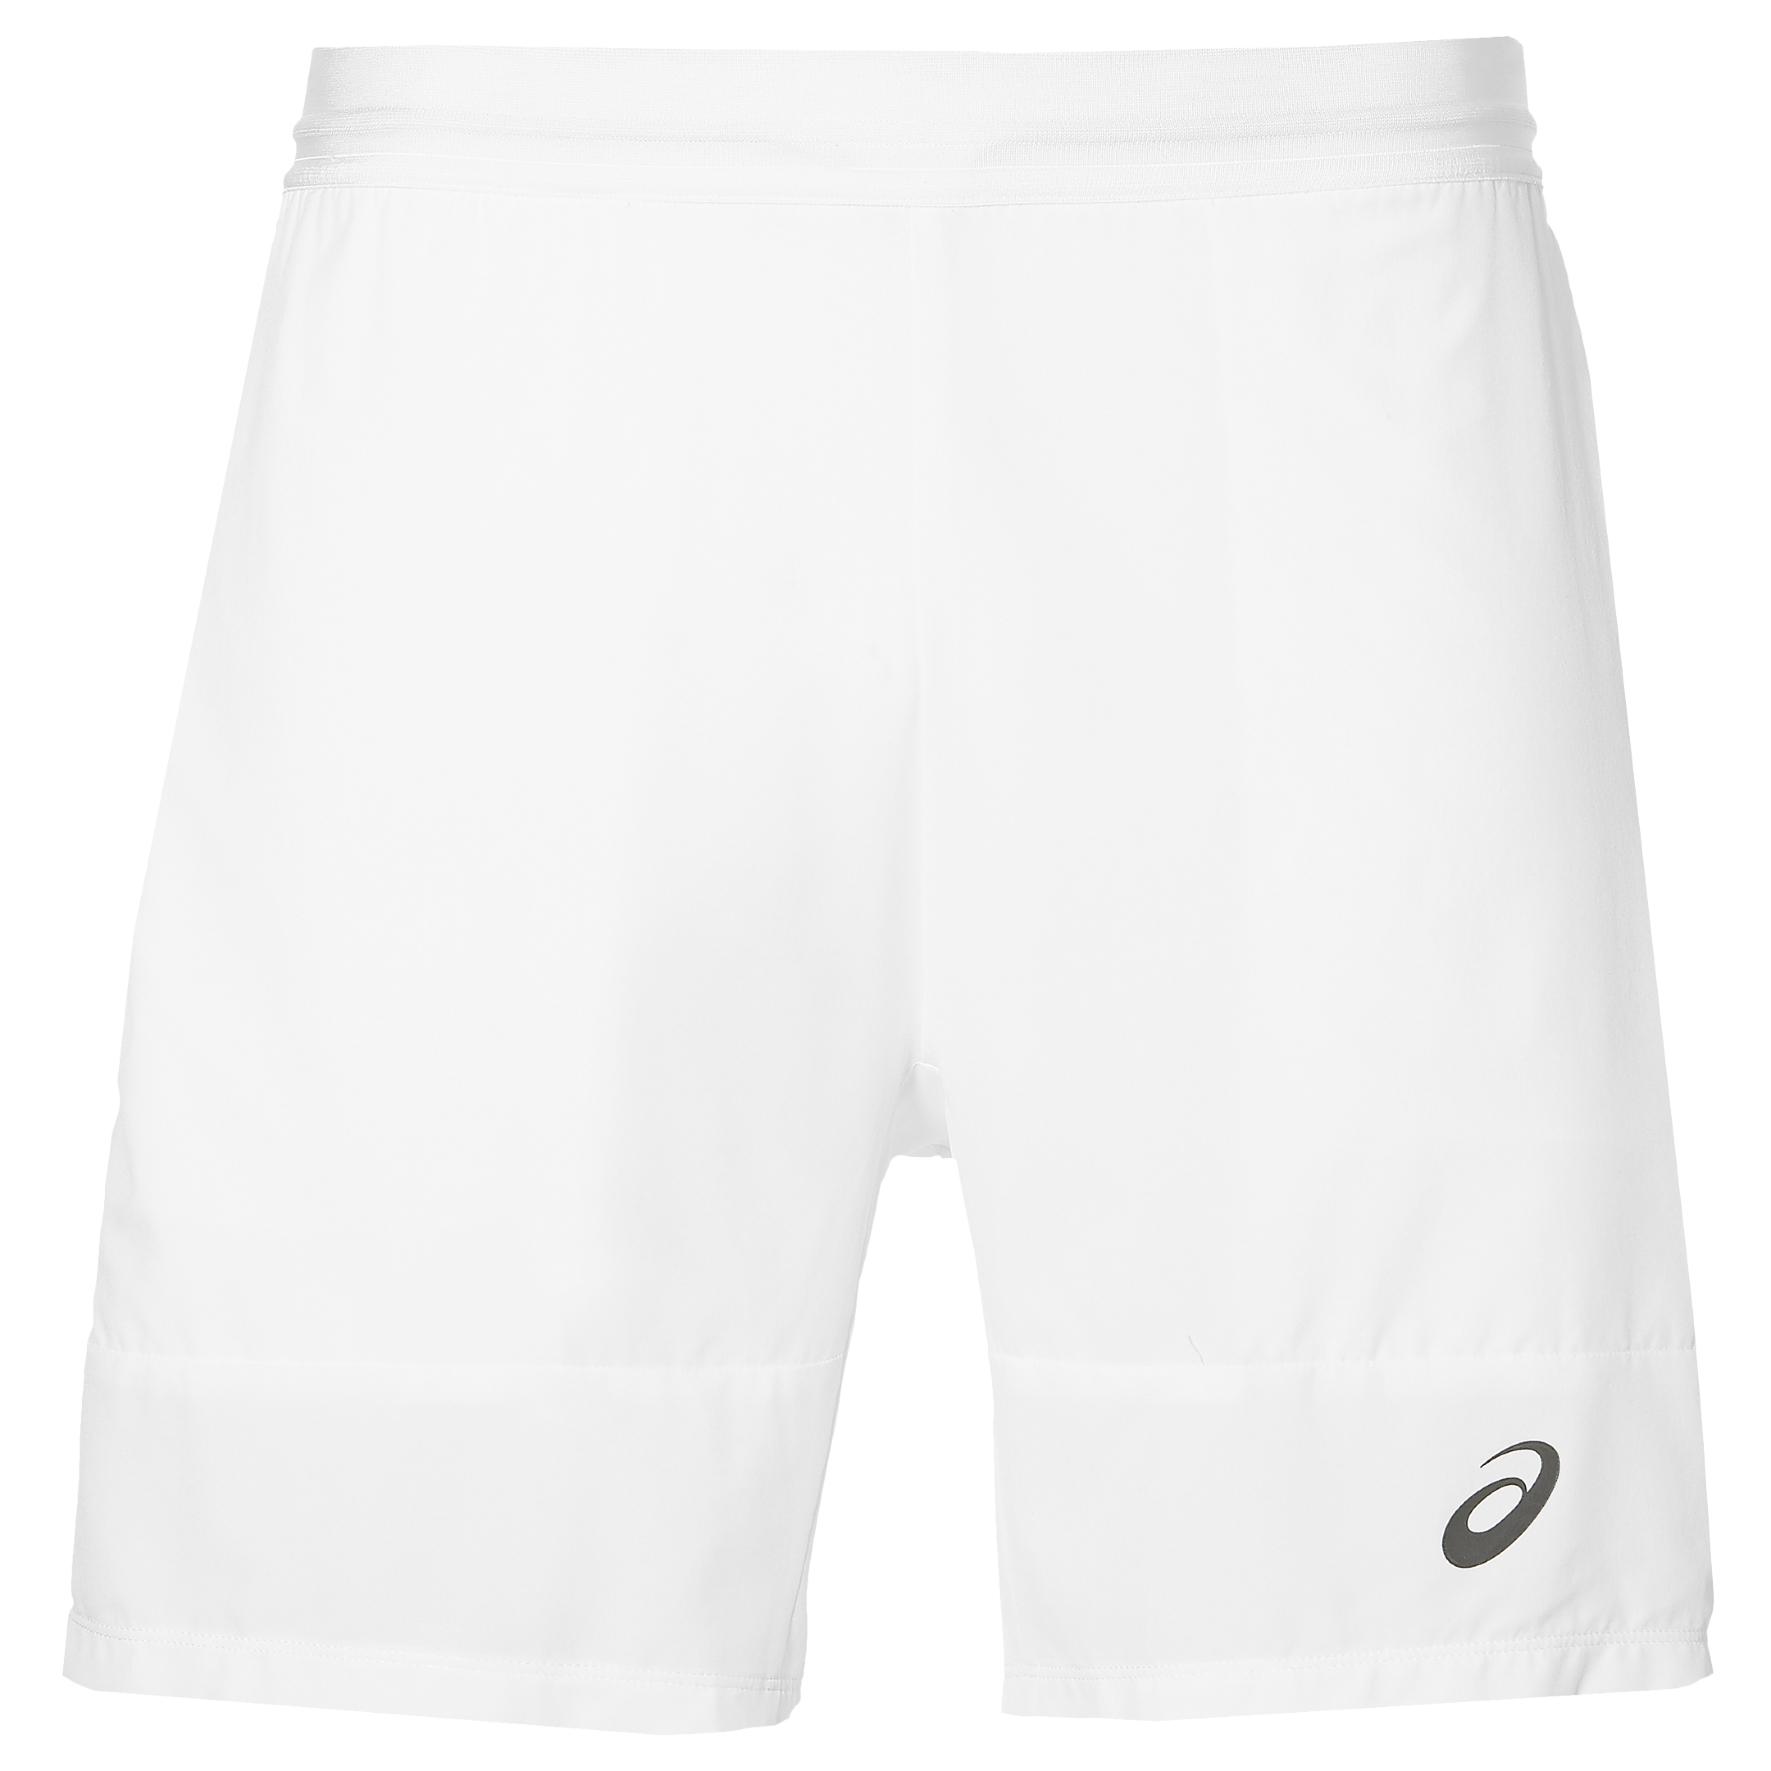 Asics Athlete 7 Inches Mens Tennis Shorts  White S